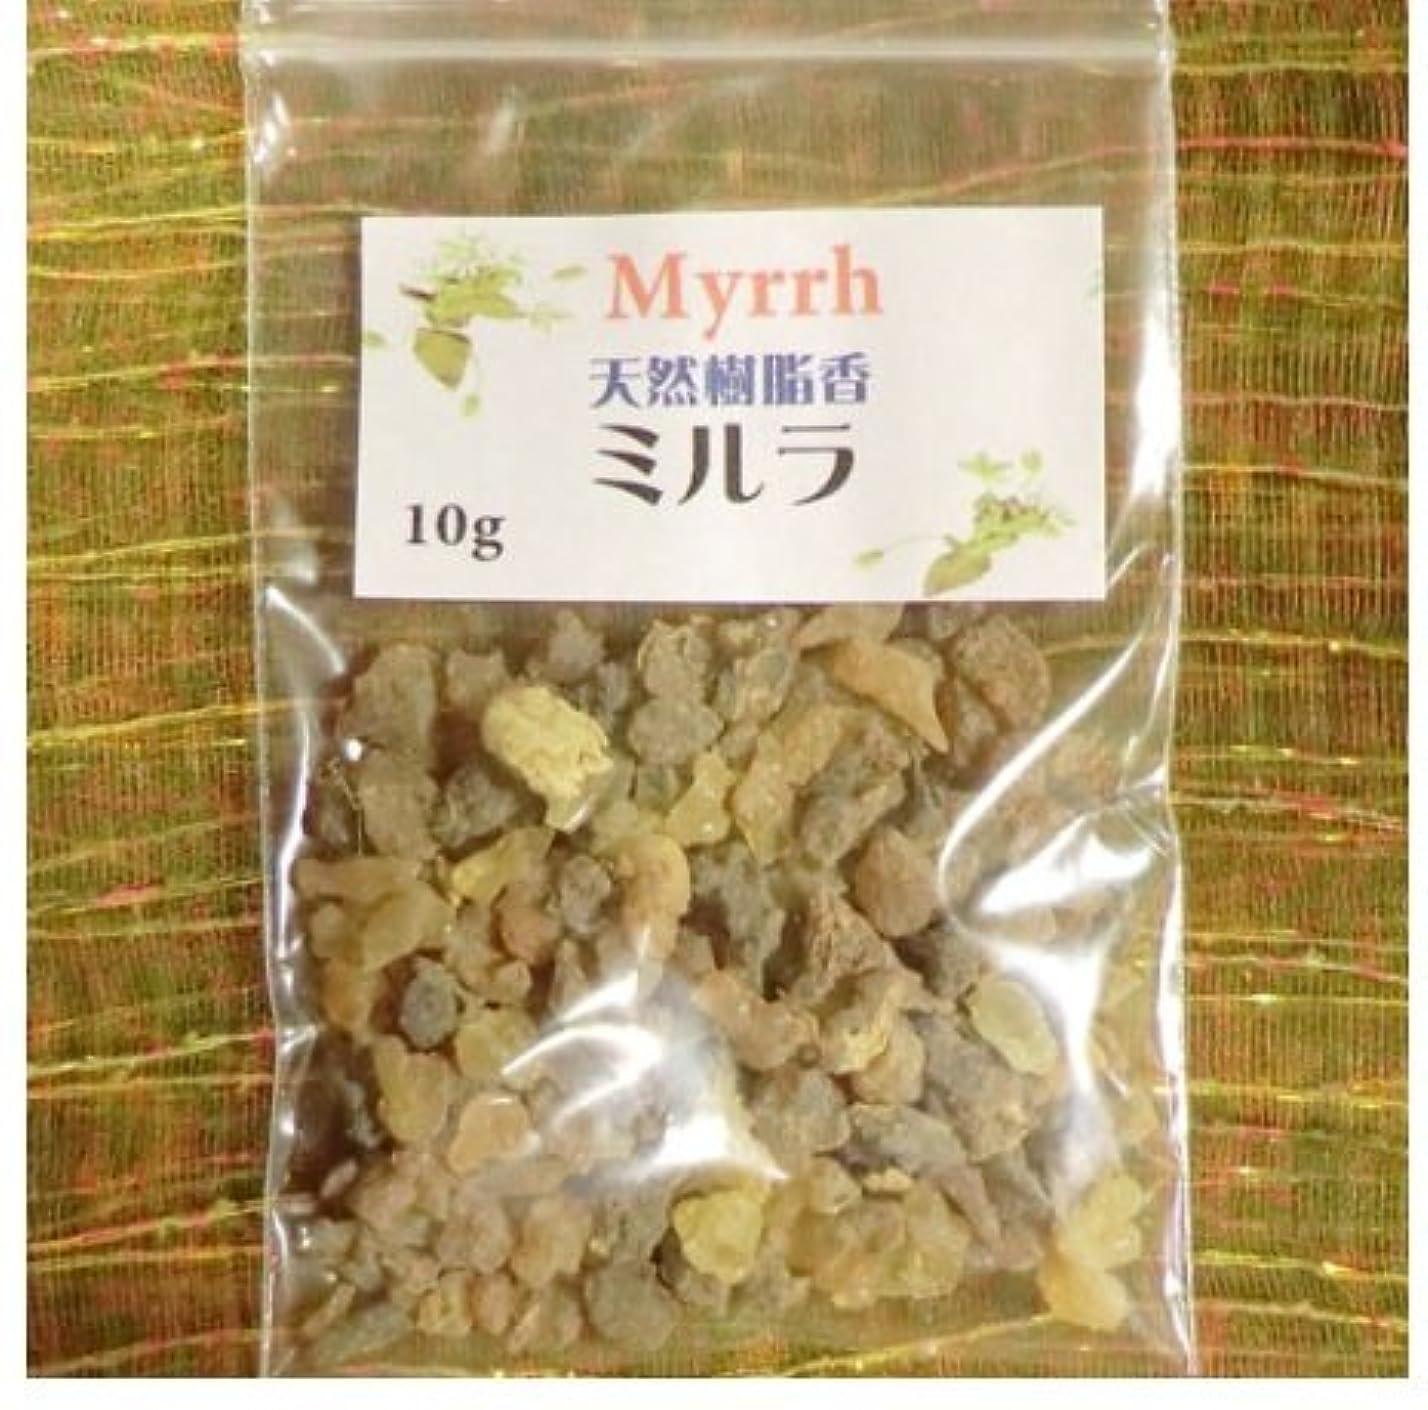 自治的十代正当なミルラ Myrrh (没薬) 天然樹脂香 10g (ミルラ)